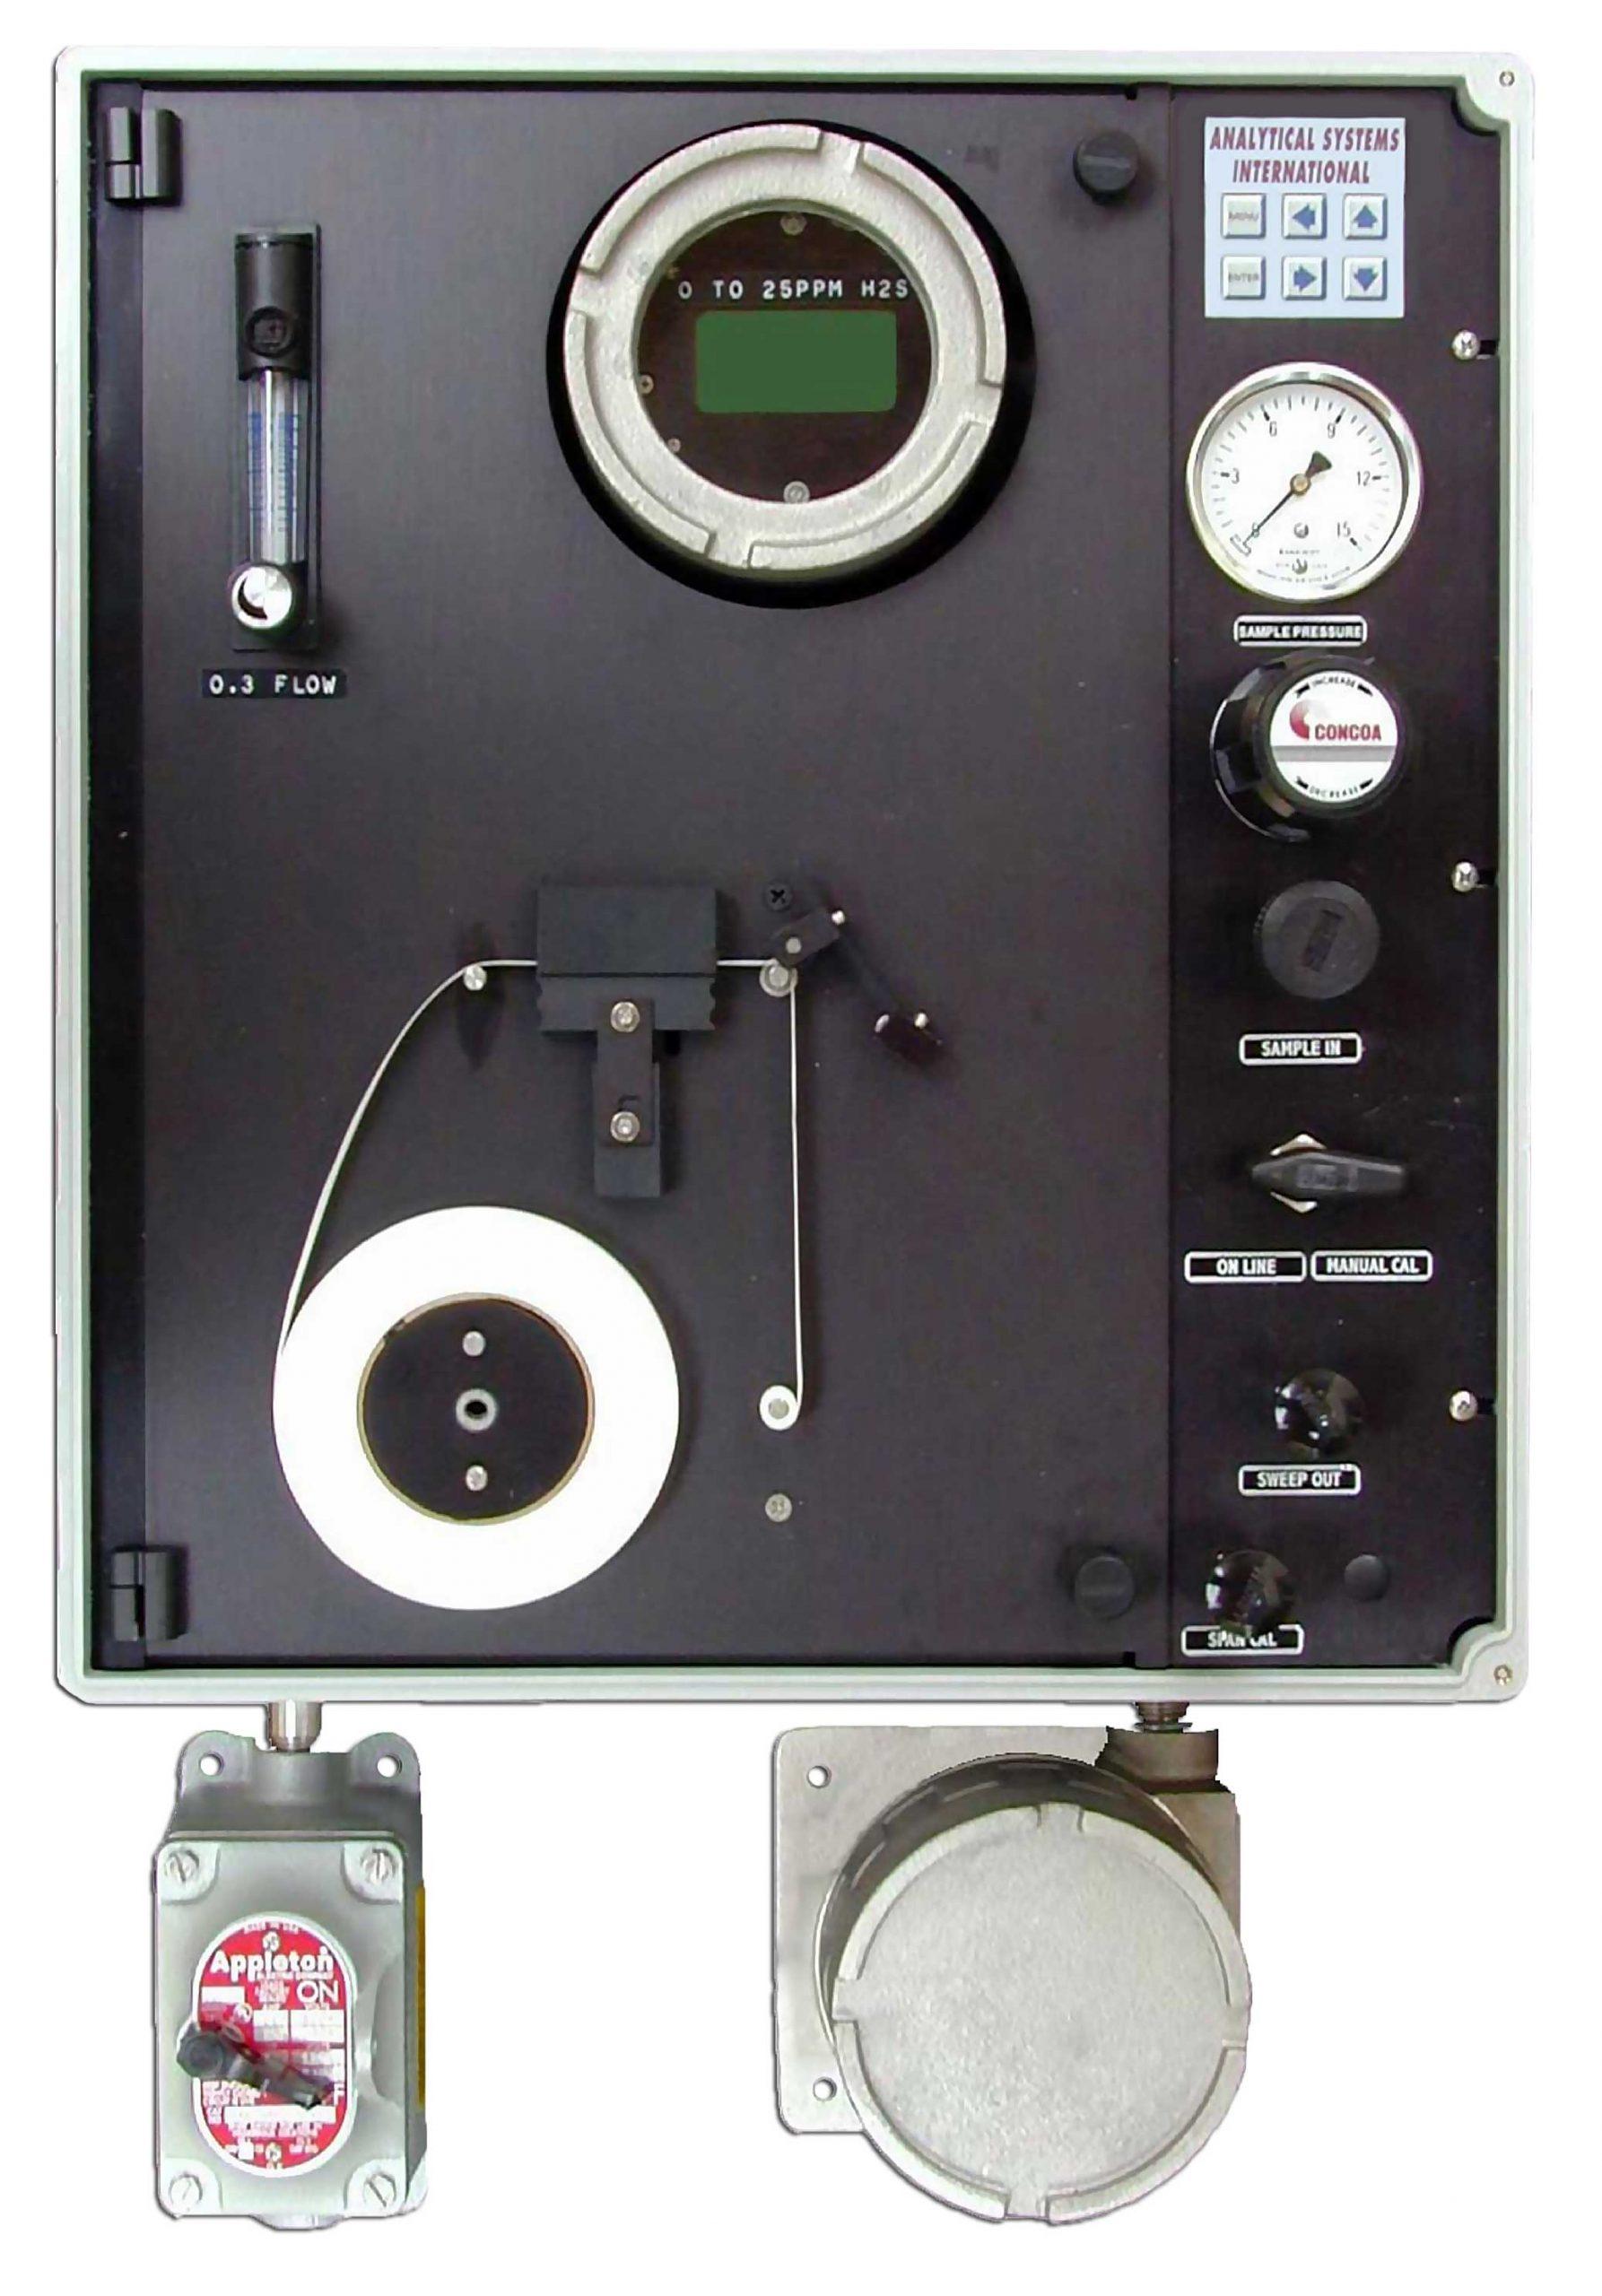 Analisador de H2S - Série 1200